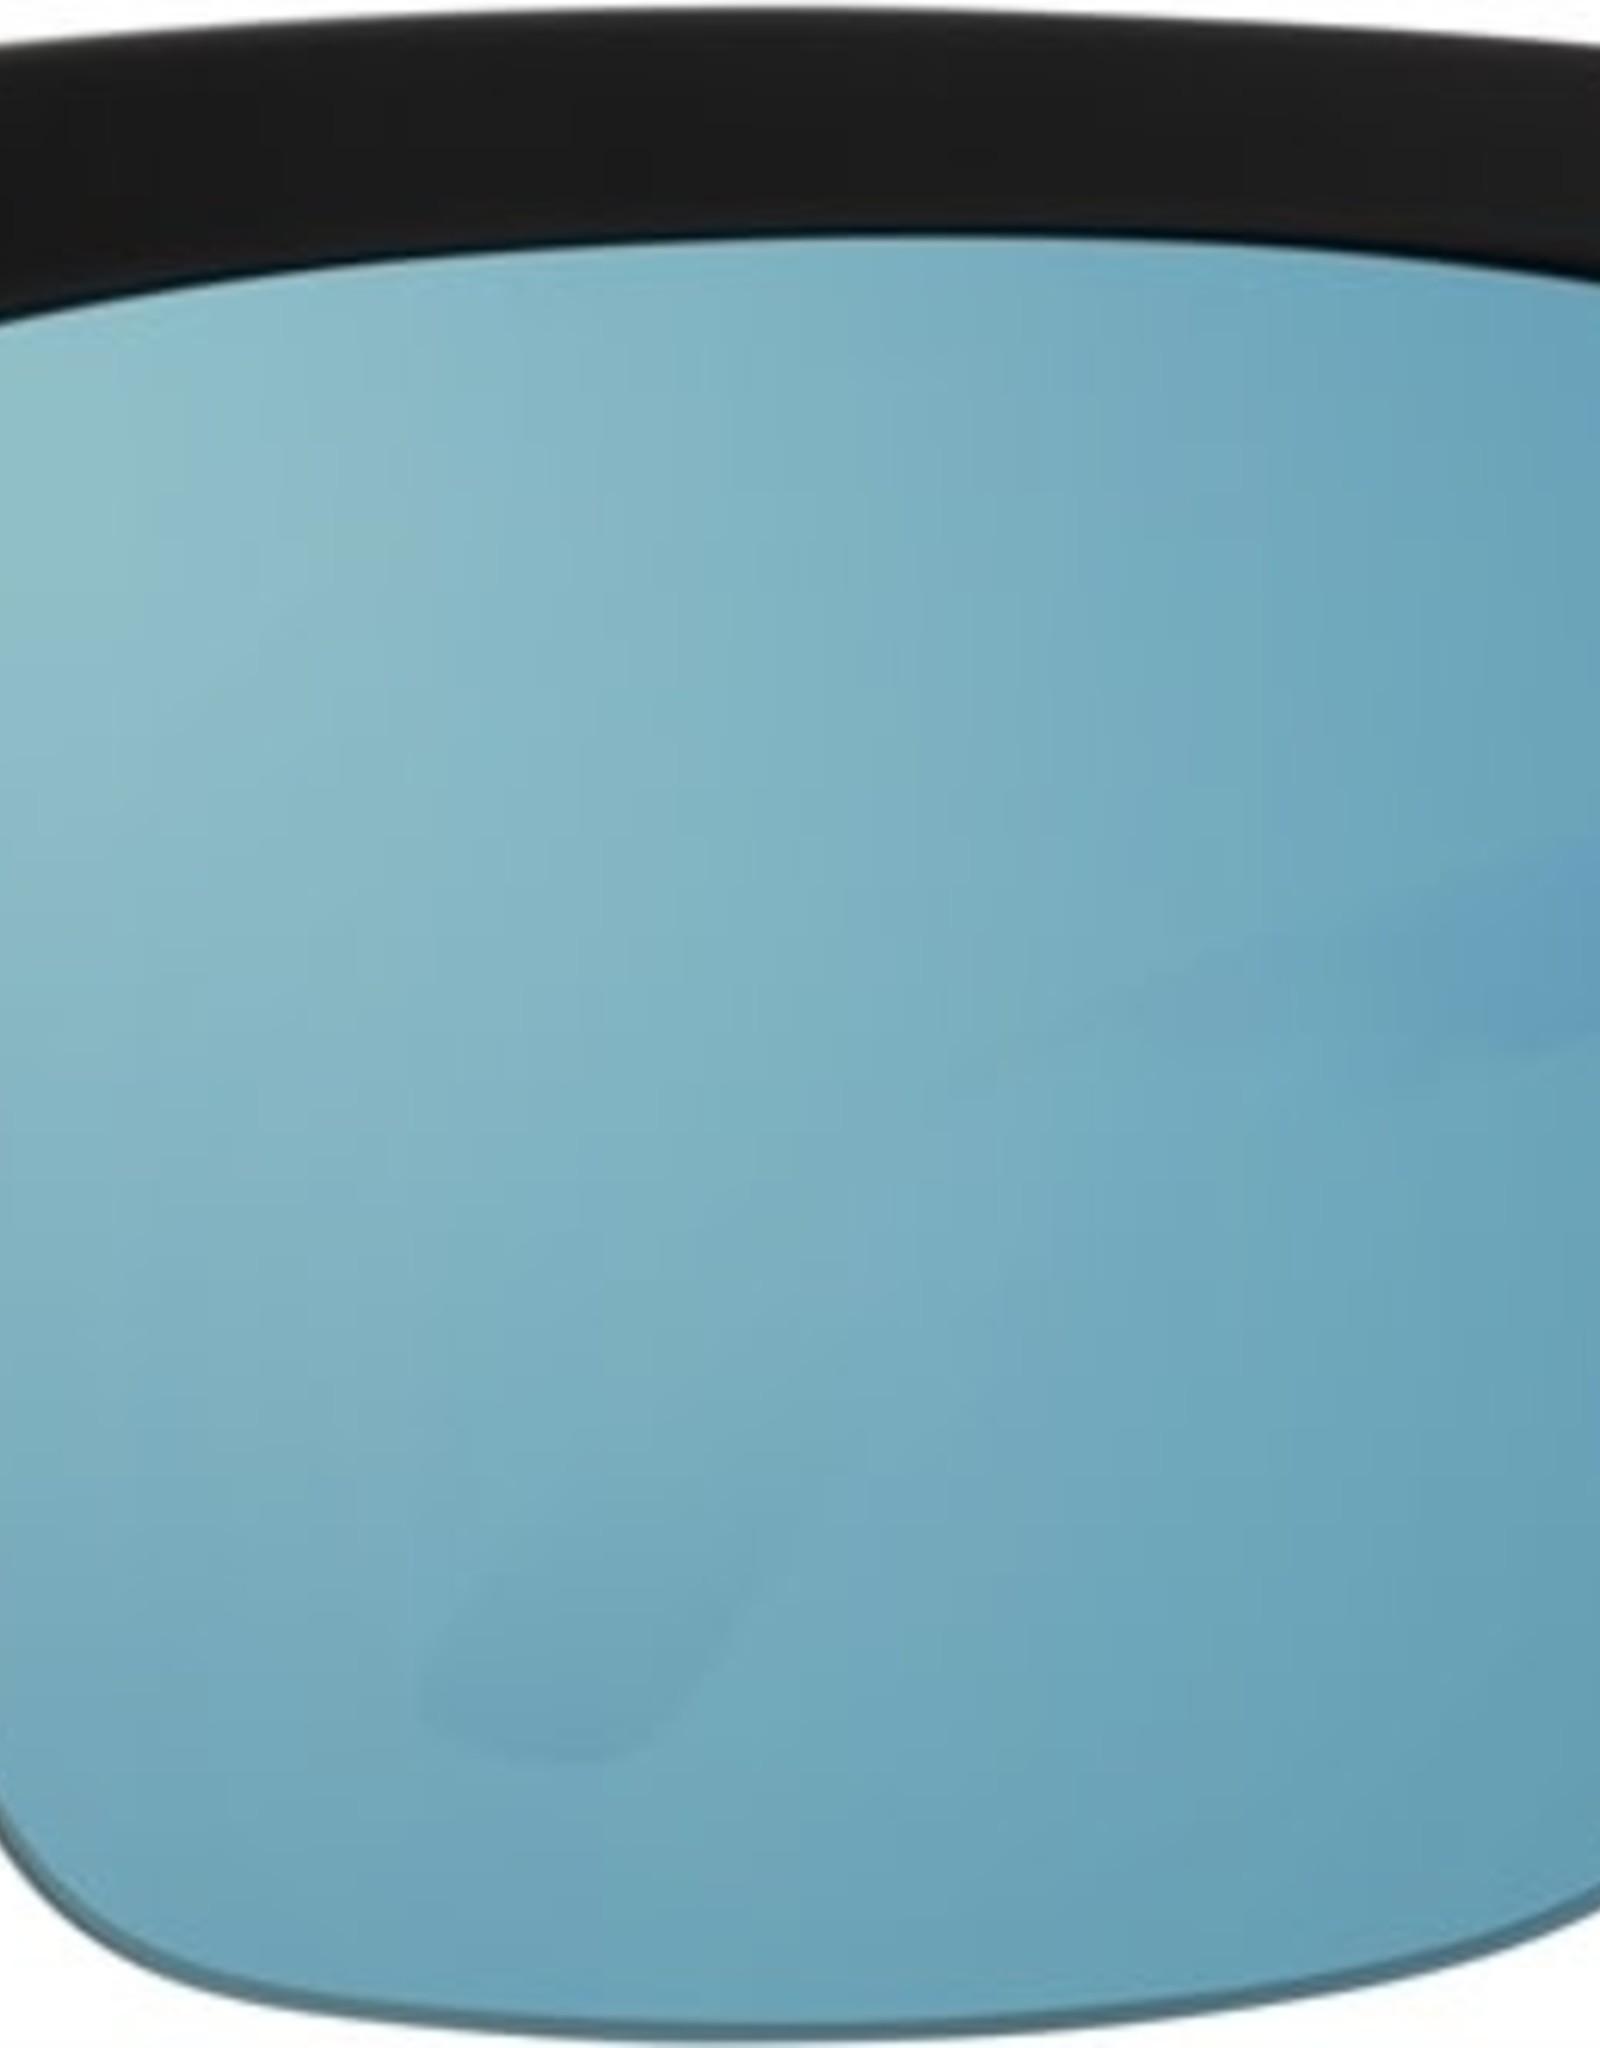 SPY Helm 5050 Mte Blk Clear hd+ gry grn w/lightblue spectra